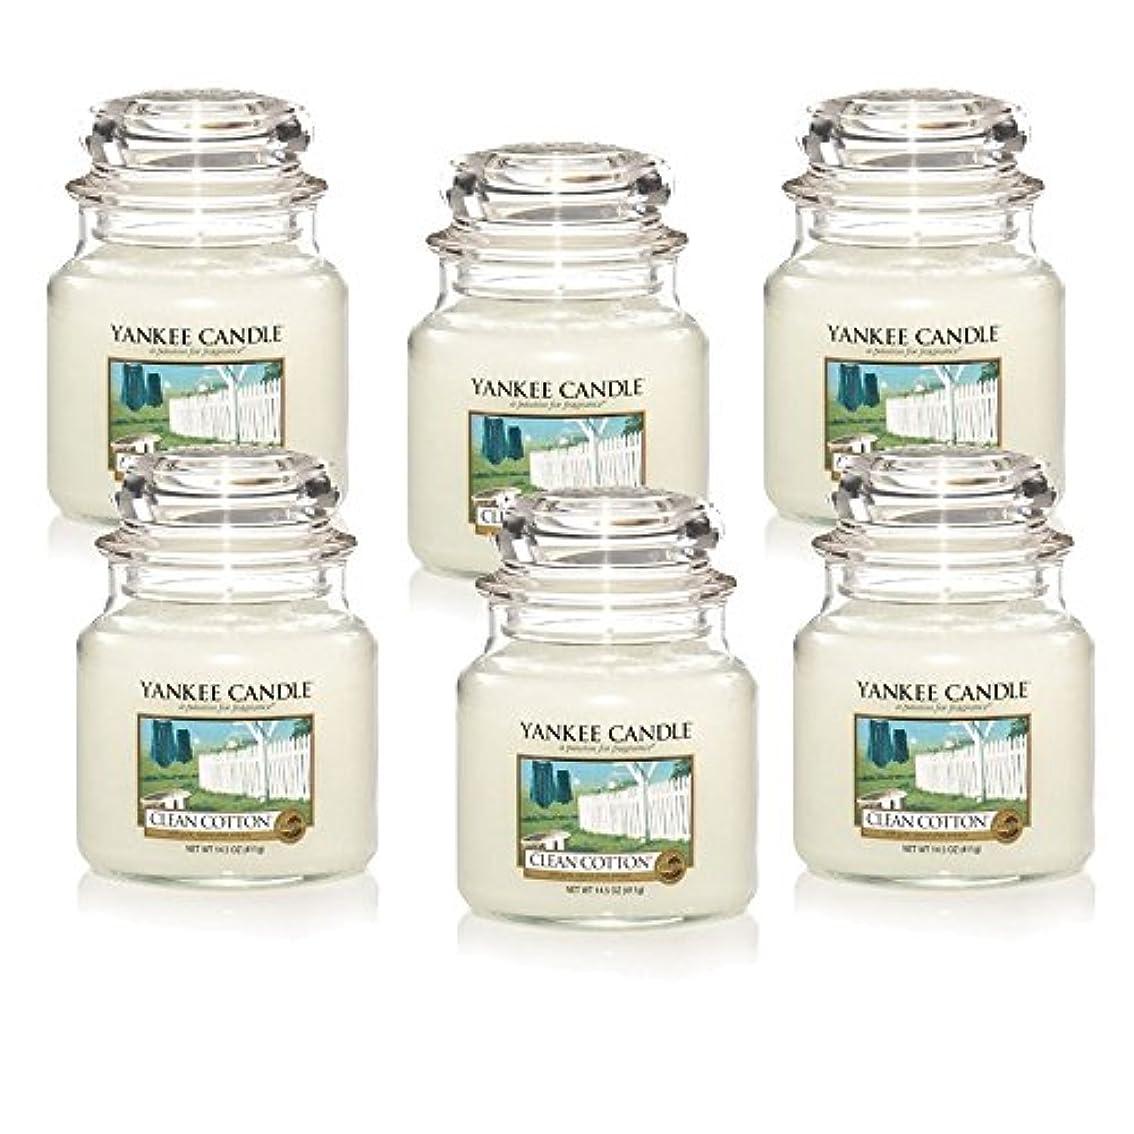 巧みな法的孤独Yankee Candle Company Clean Cotton 14.5-Ounce Jar Candle, Medium, Set of 6 [並行輸入品]